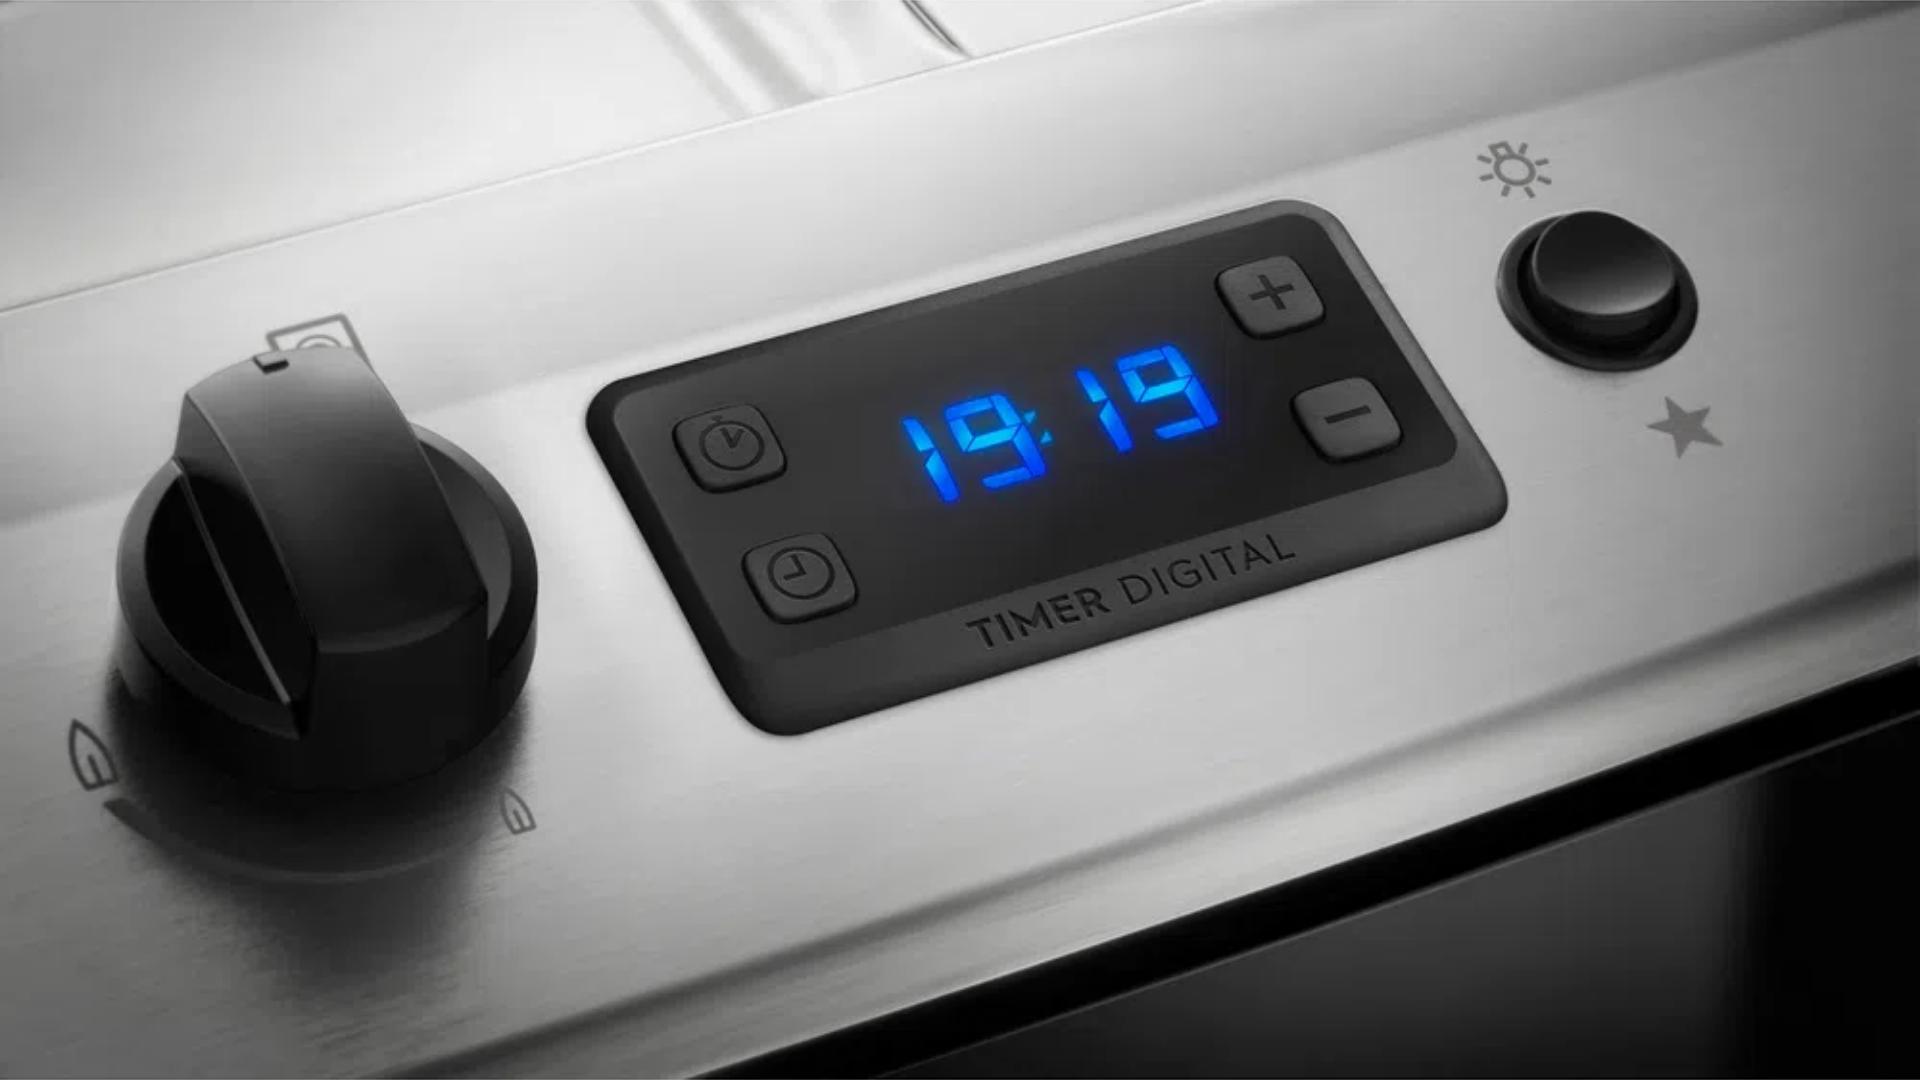 O timer digital garante que o tempo seja cronometrado e sinalizado com aviso sonoro (Imagem: Divulgação/Electrolux)